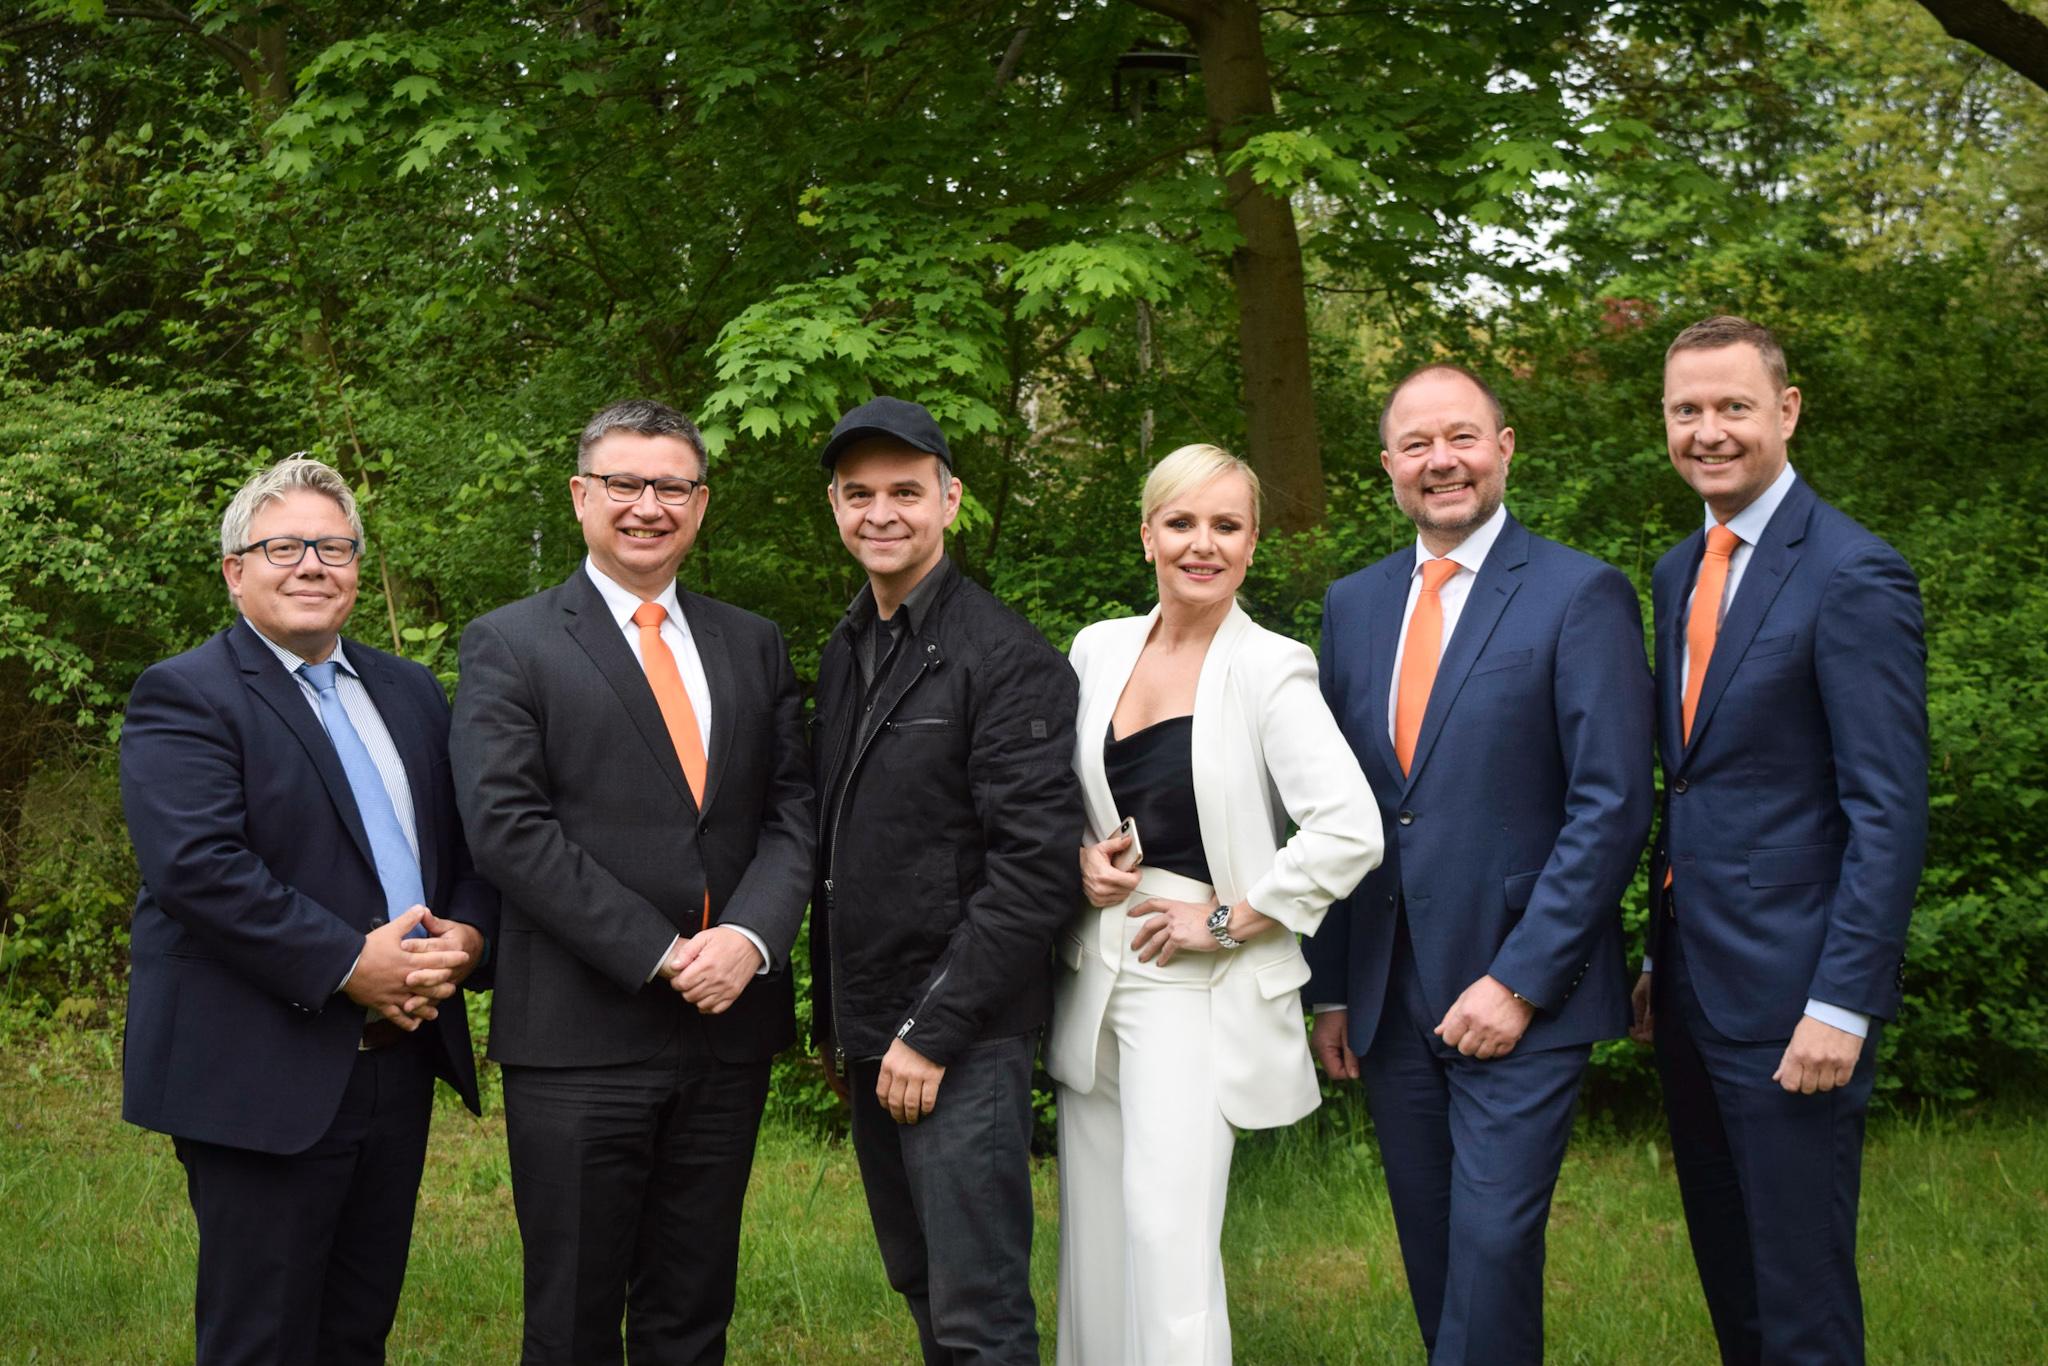 von links: Jörg Henning, Andreas Woda, Thomas Fröschle, Diana Schell, Thomas Auerswald und Christoph Kothe